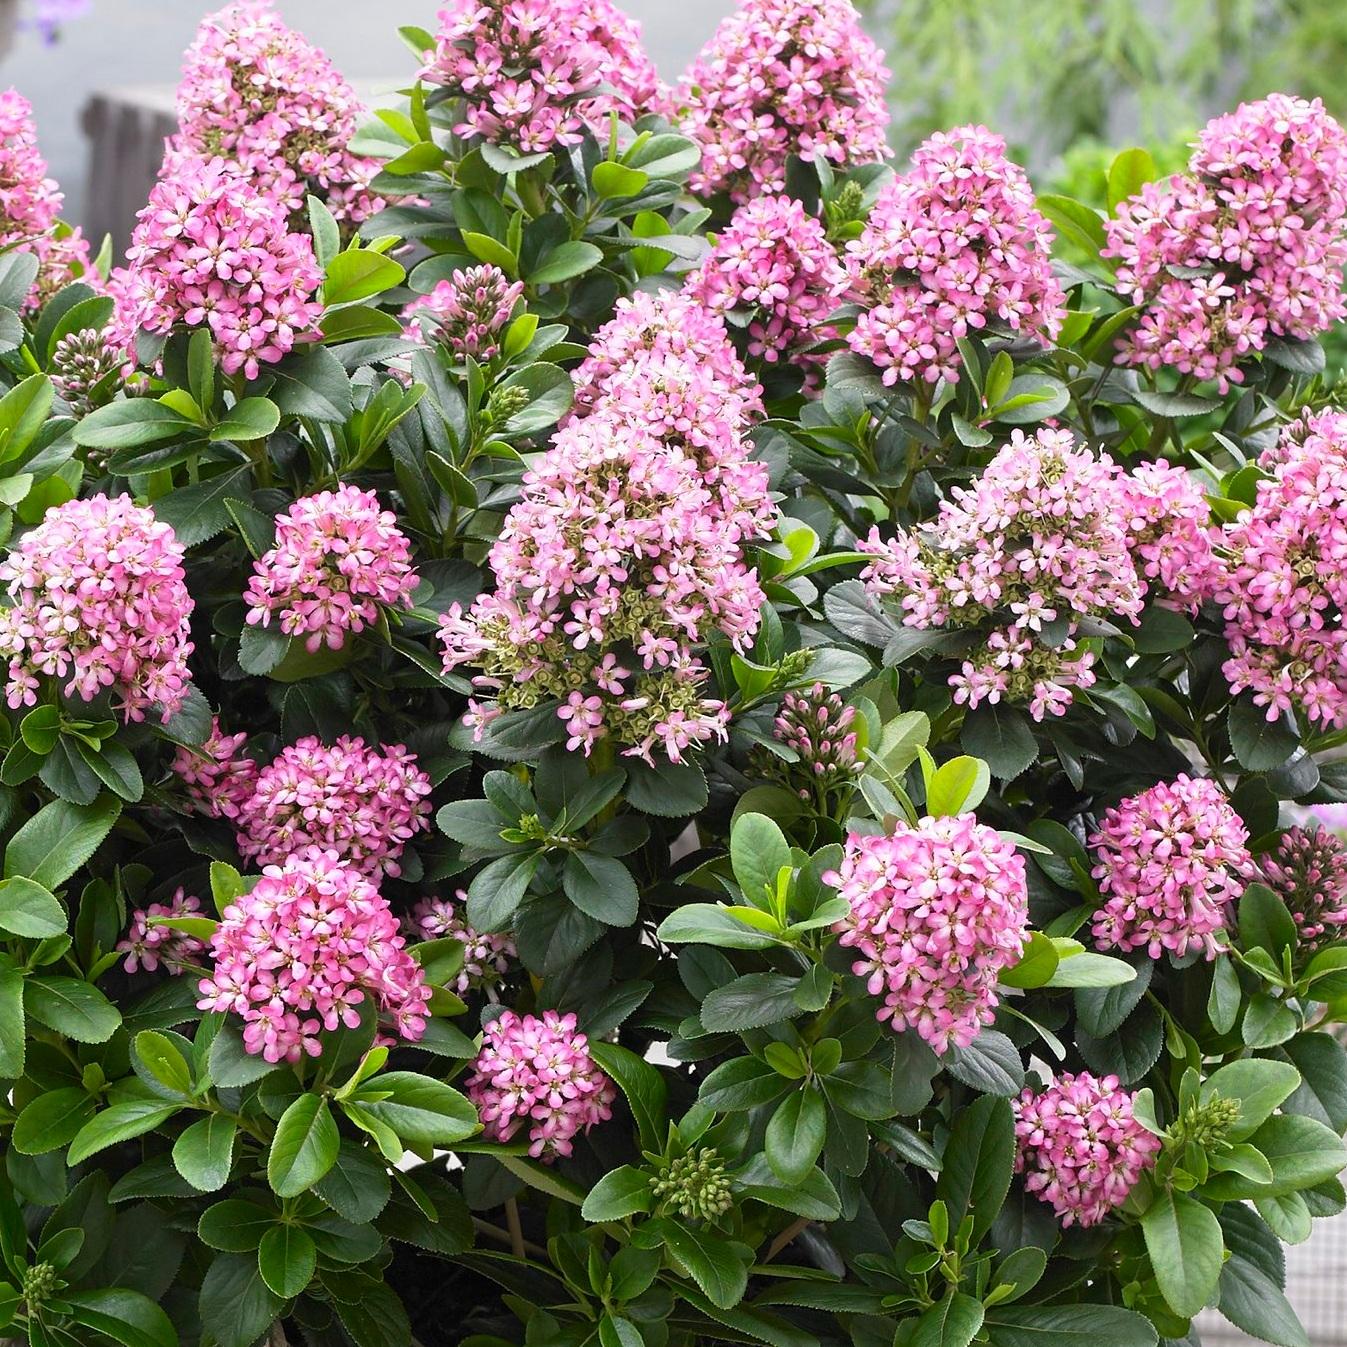 Escallonia-leavis-%E2%80%98Lades%E2%80%99-Pink-Elle-photo-Plantipp.jpg